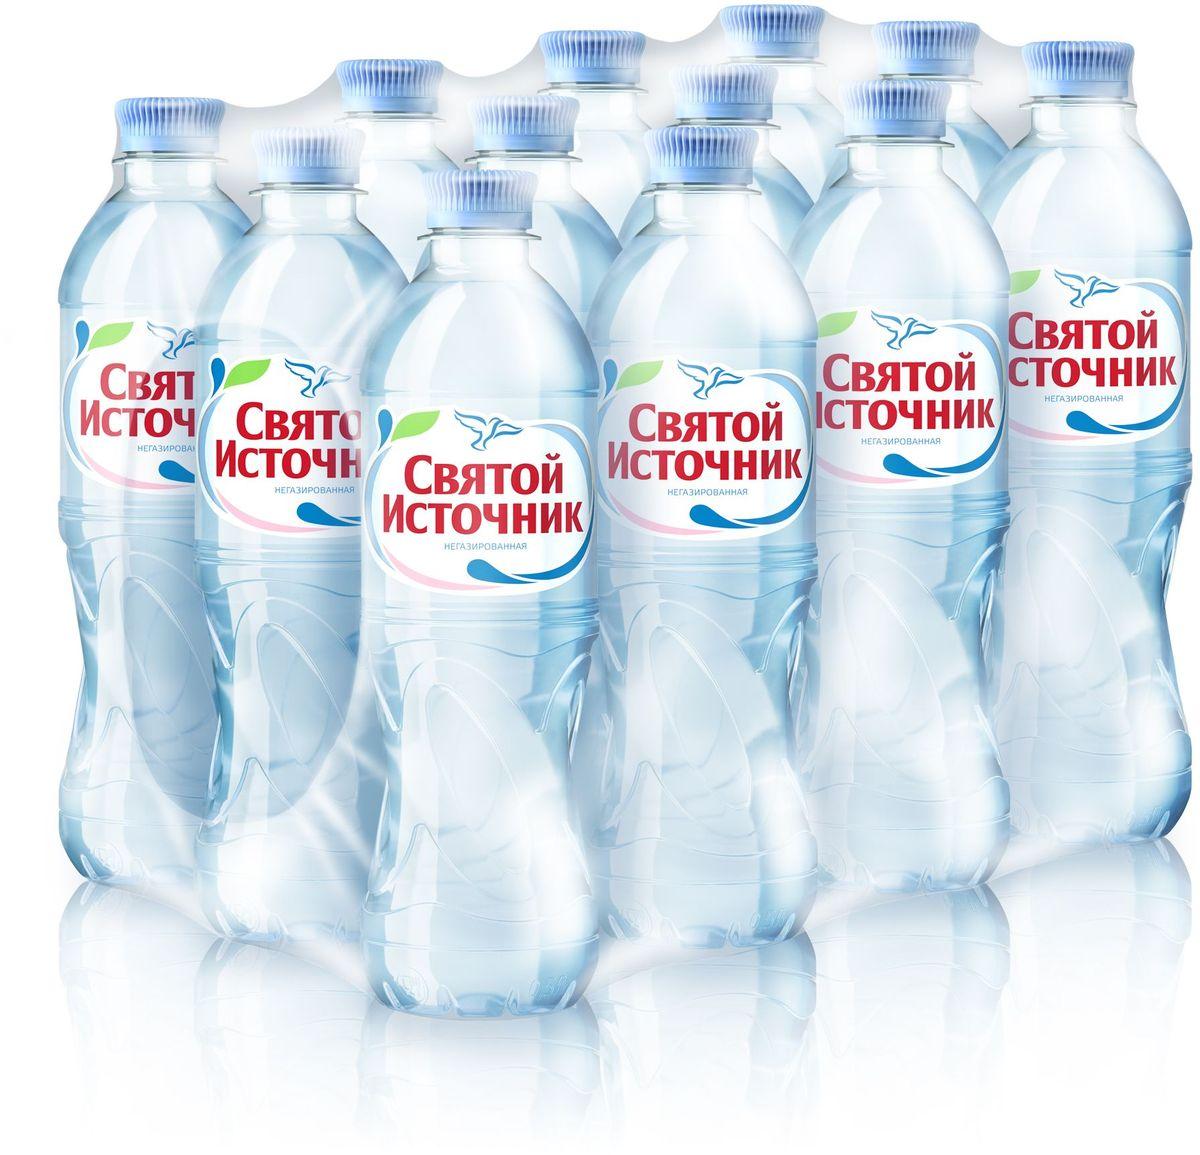 СвятойИсточник водаприродная питьевая негазированная, 12 штук по 0,5 л вода святой источник без газа 1 5 л 6шт